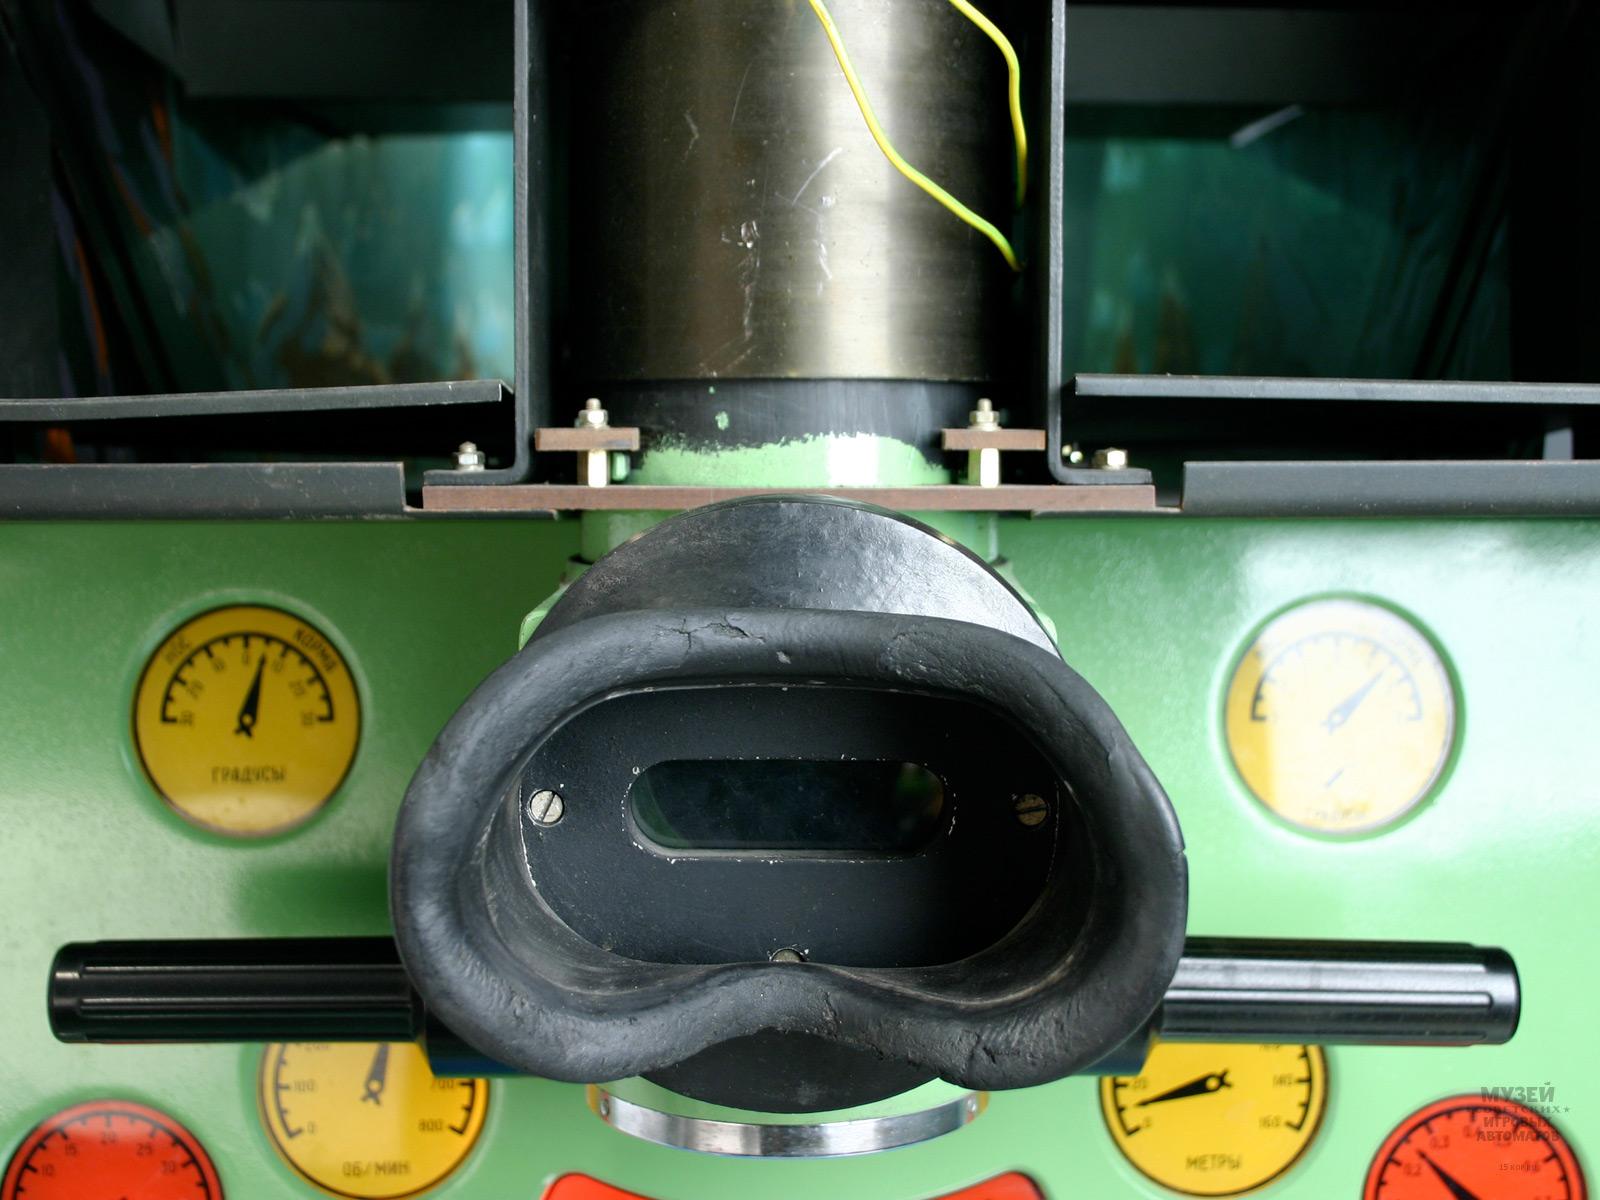 Игровые автоматы: откуда они взялись в СССР и как устроены - 4